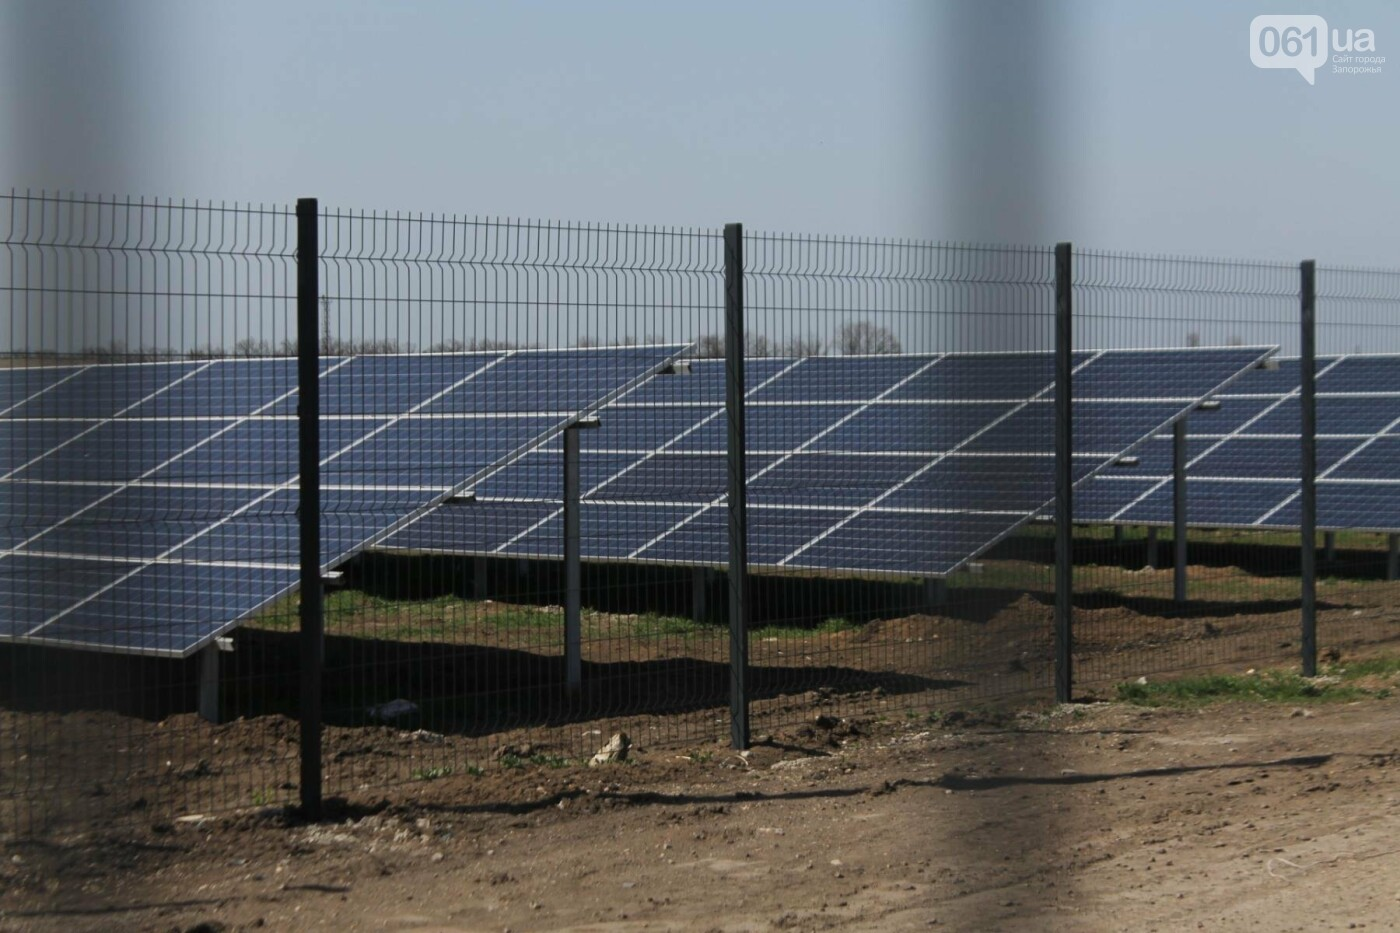 В запорожской громаде на месте свалки построили солнечную электростанцию: как она выглядит, – ФОТОРЕПОРТАЖ, фото-3